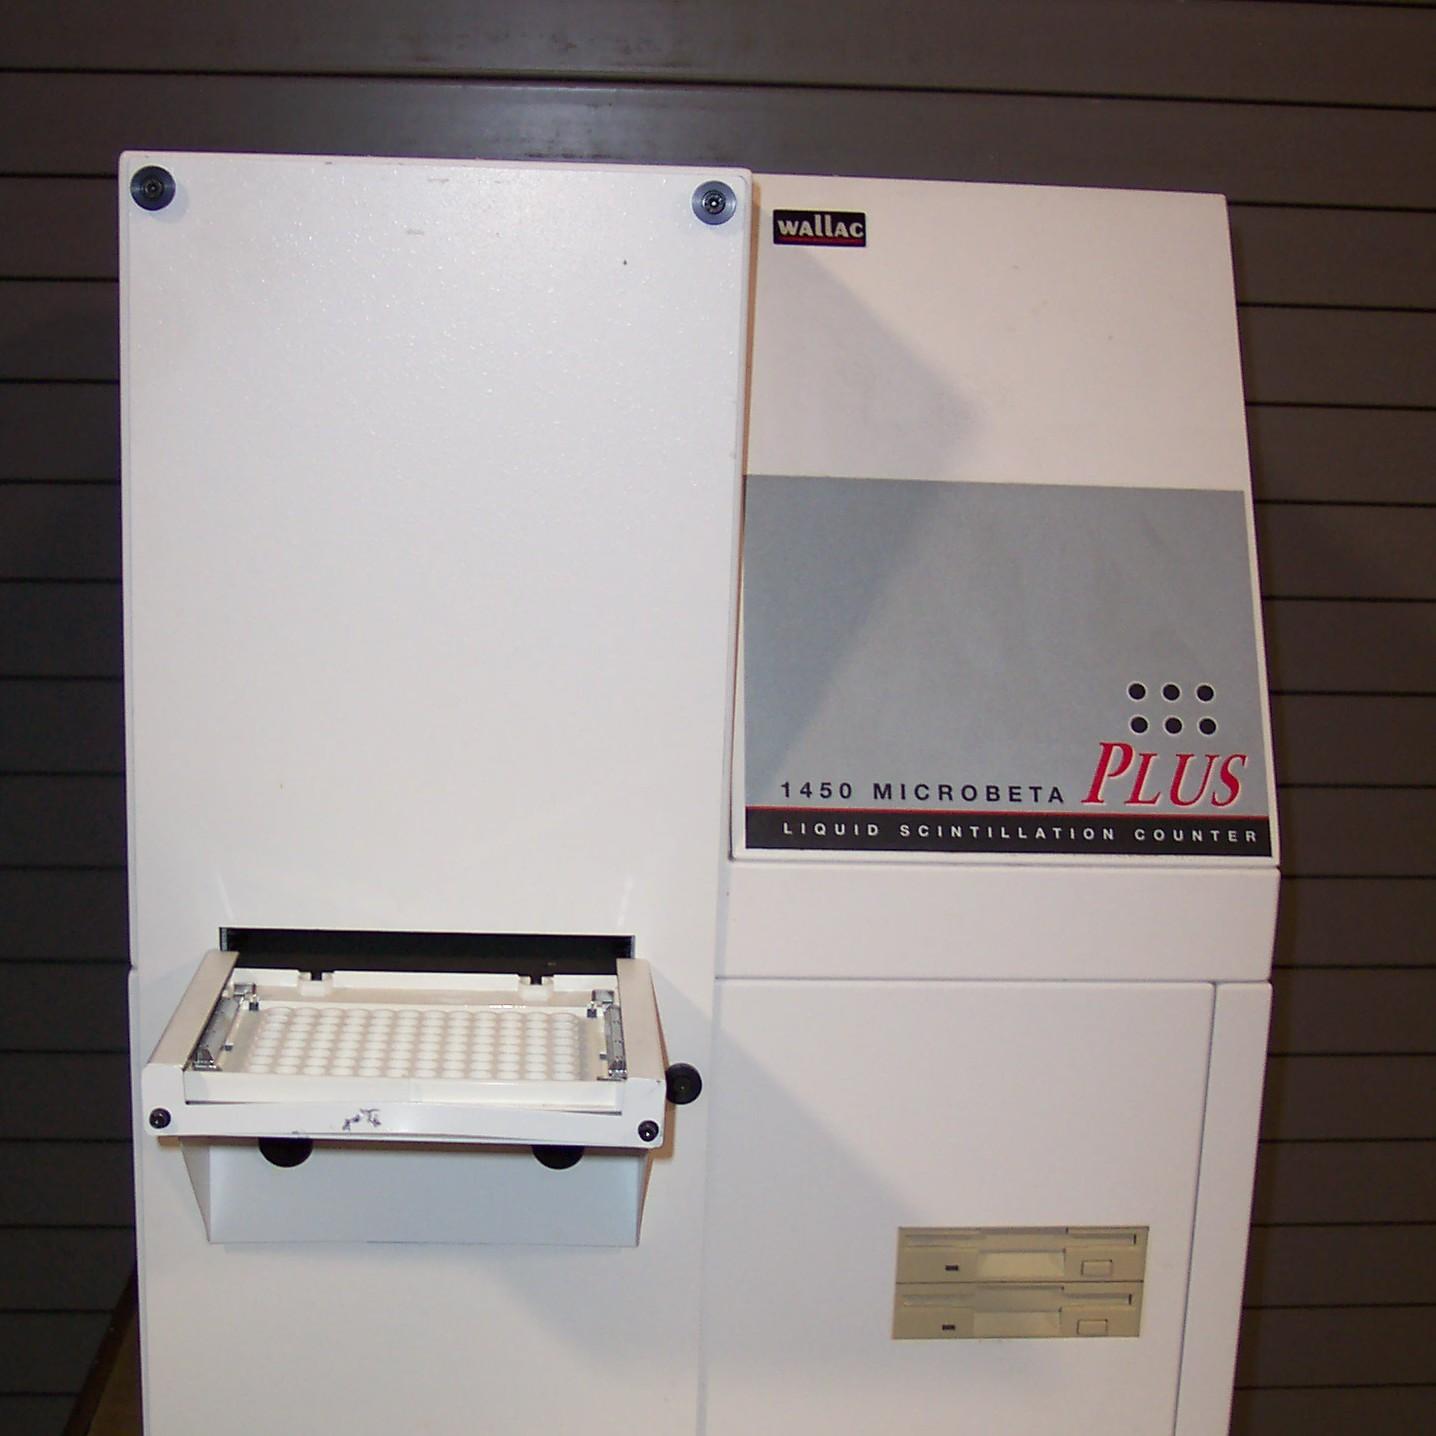 Wallac Liquid Scintillation Counter Model 1450-011 Image